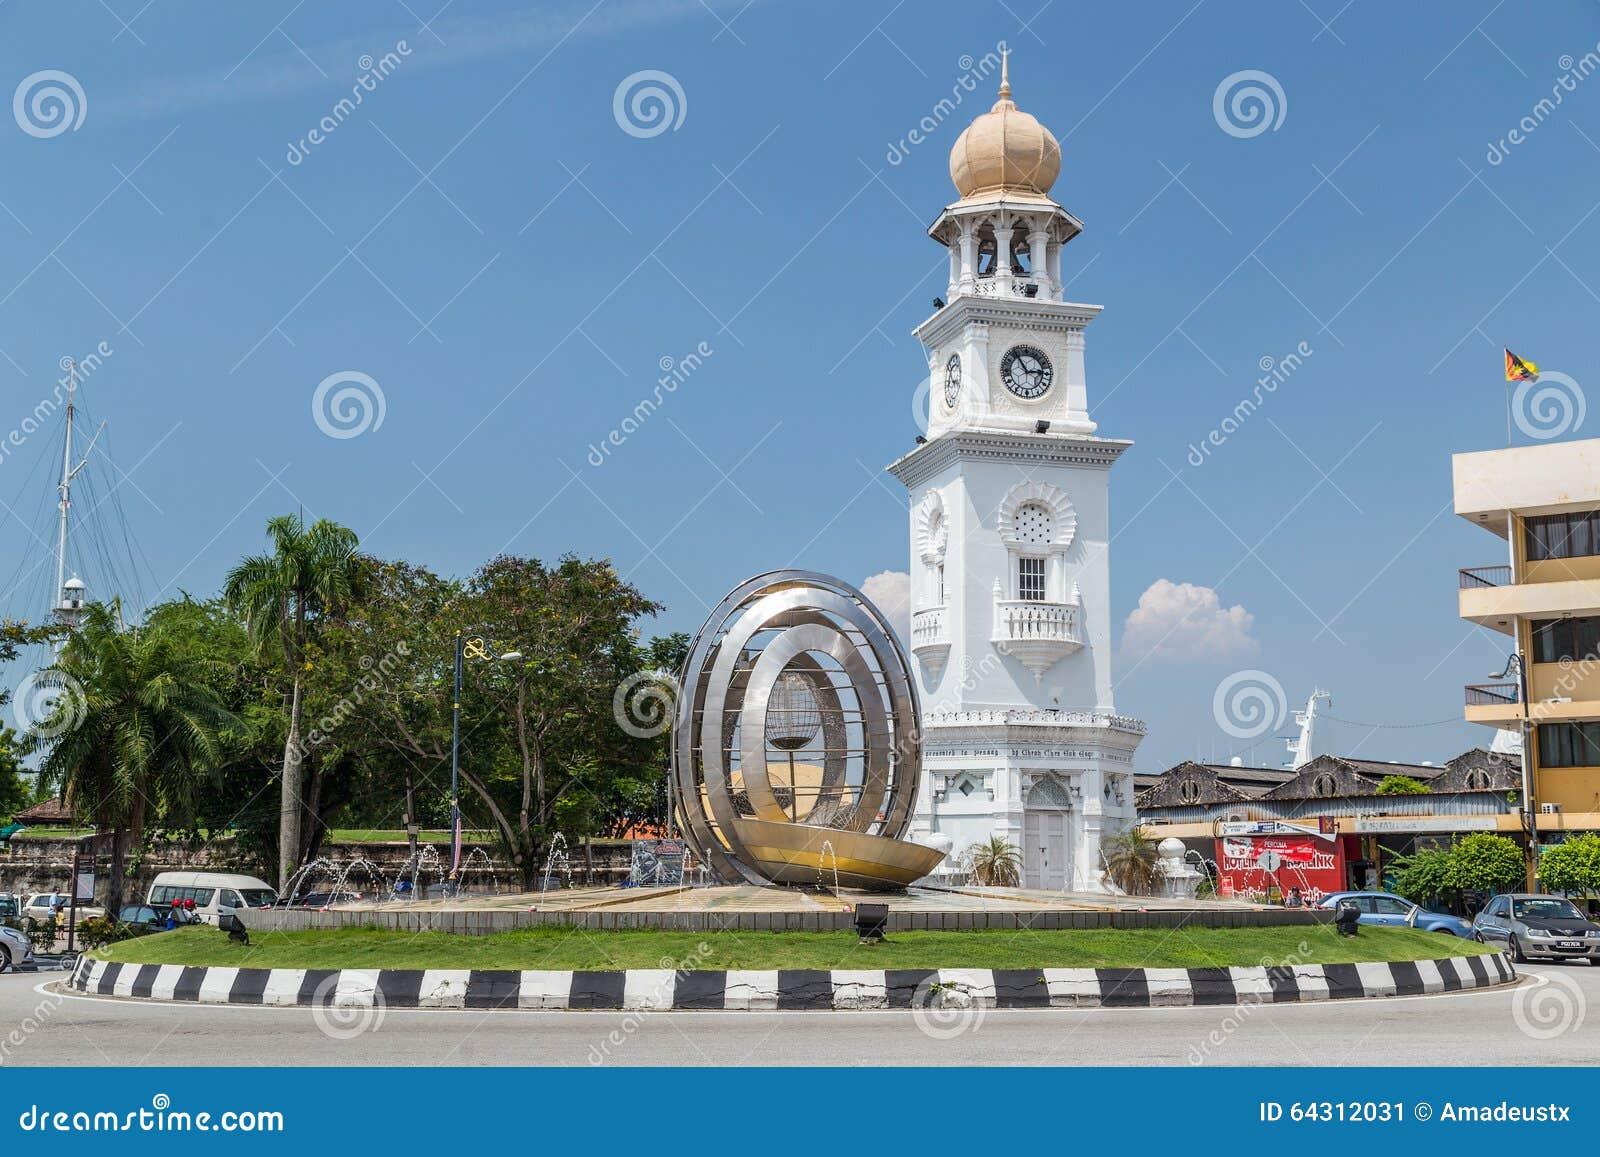 乔治城,槟榔岛/马来西亚-大约2015年10月:女王维多利亚纪念Clocktower在乔治城,槟榔岛,马来西亚